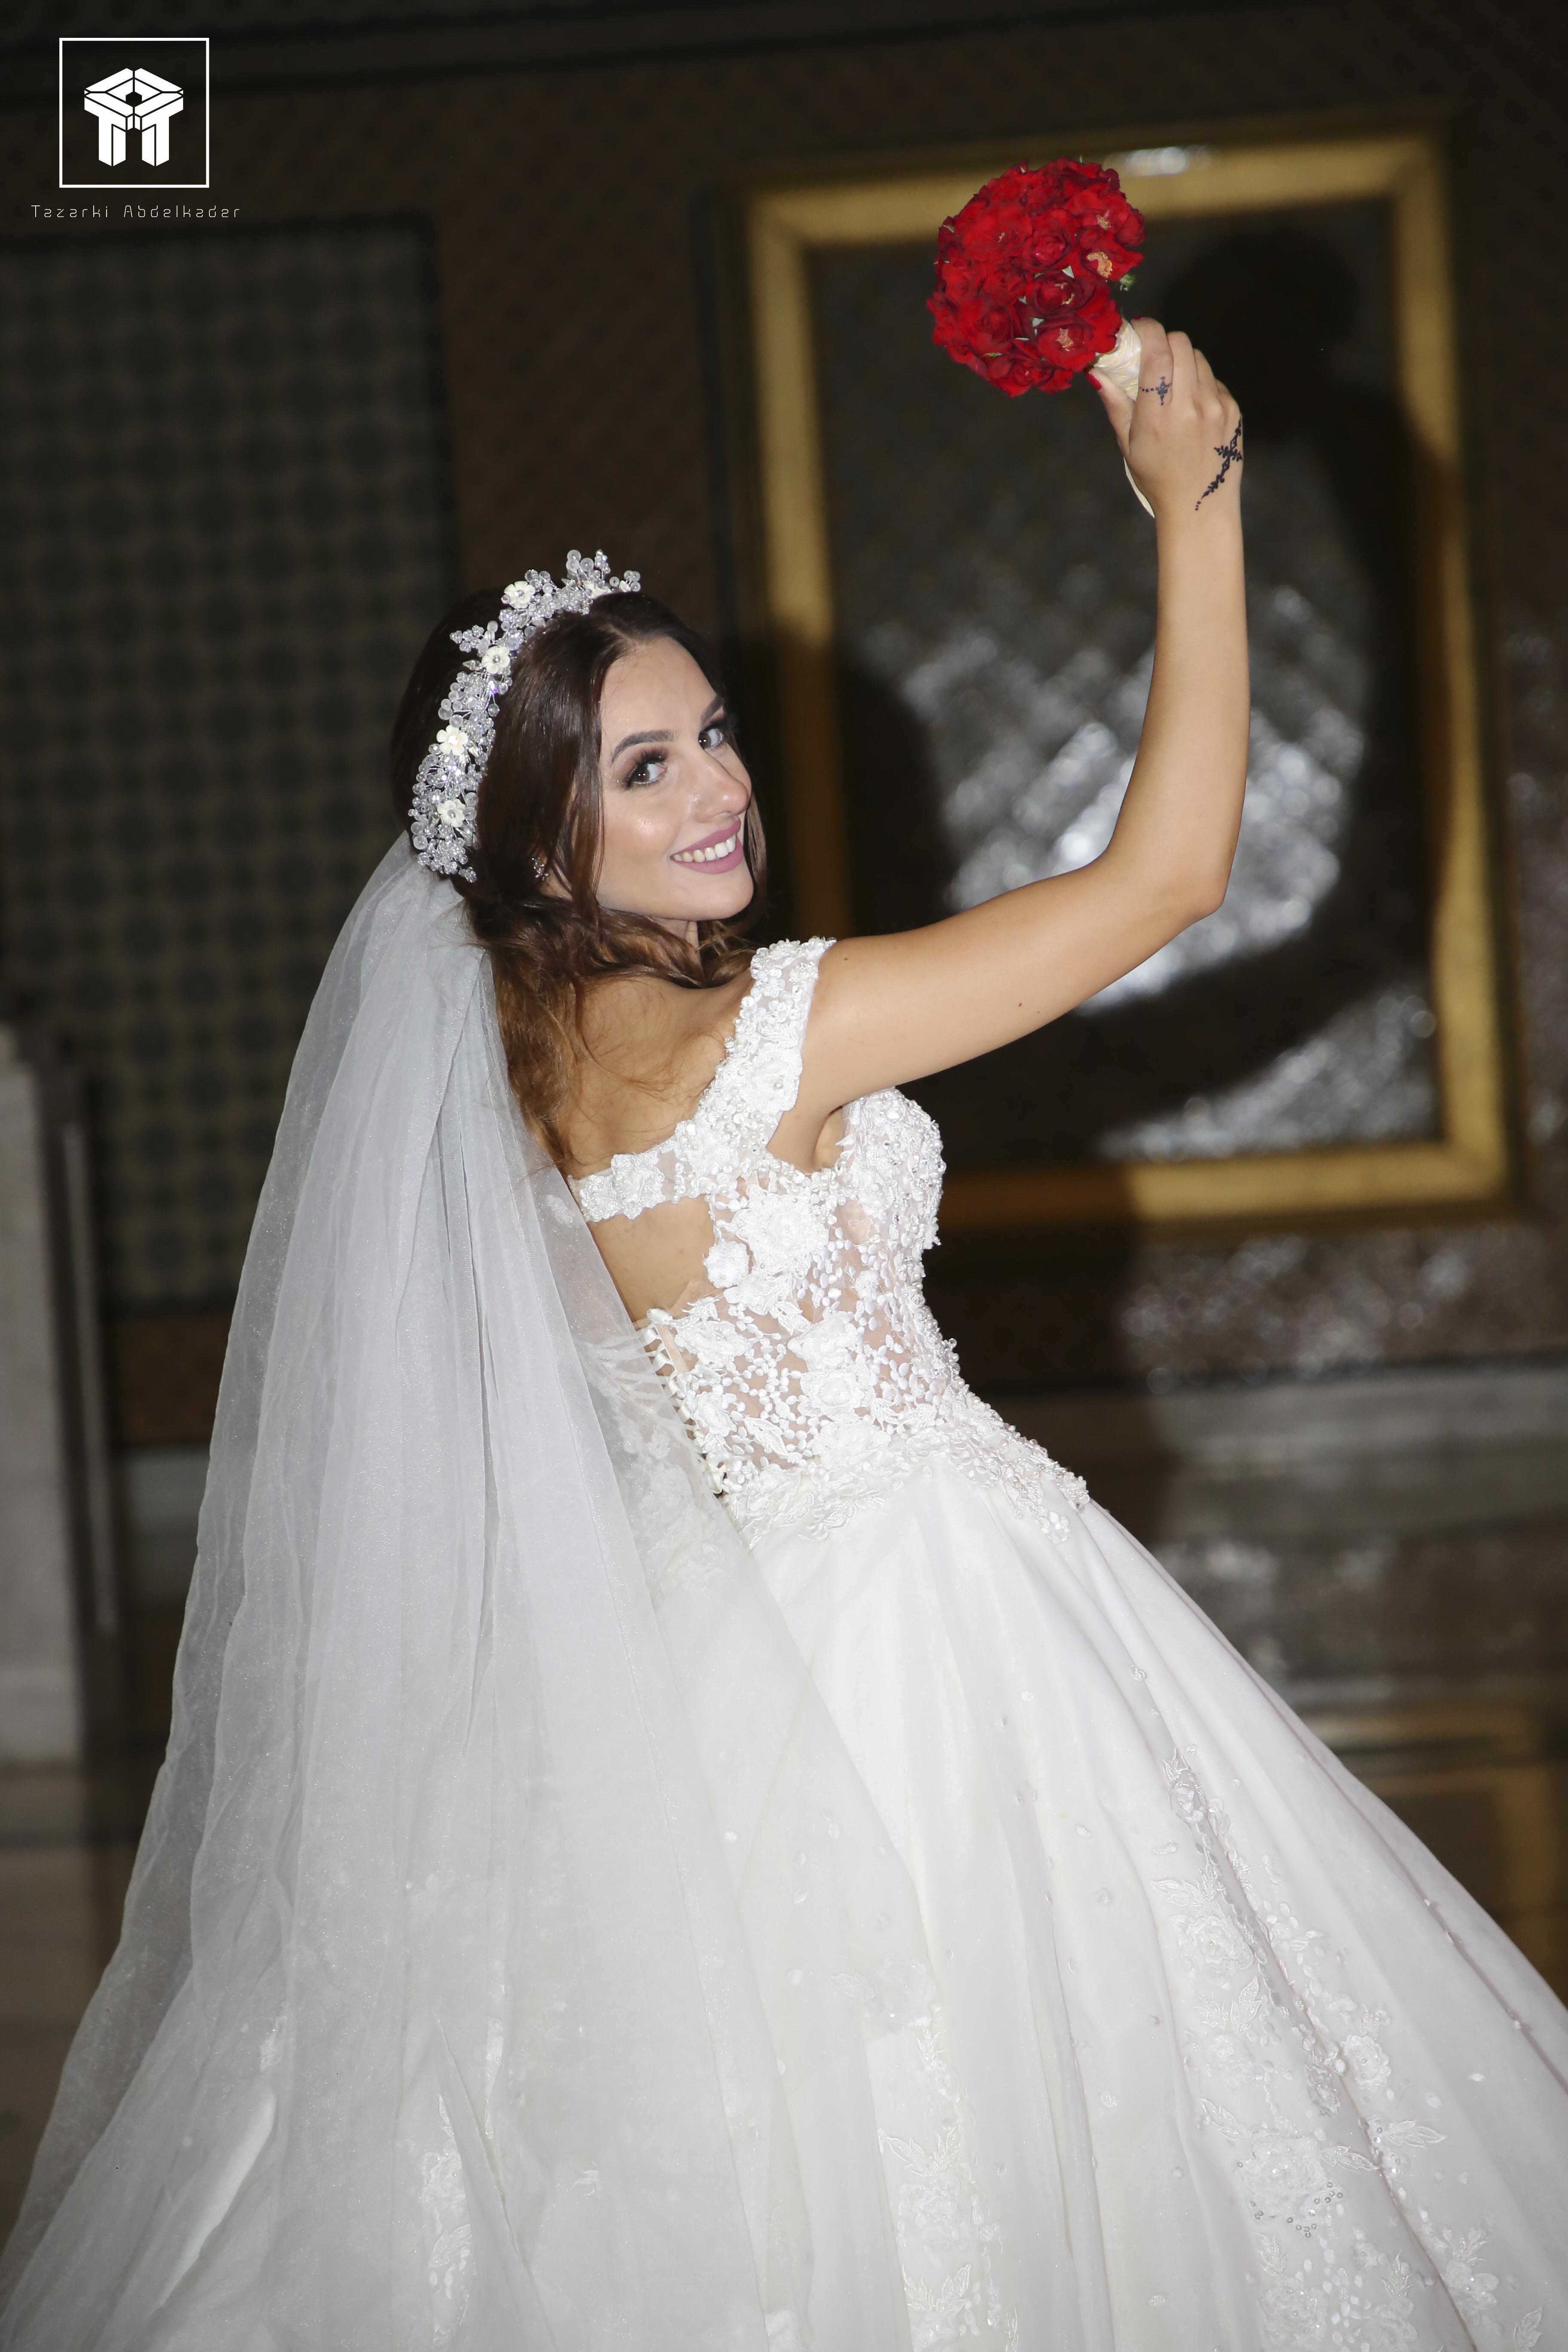 tazarki_abdelkader_top5_meilleure_photo_mariage